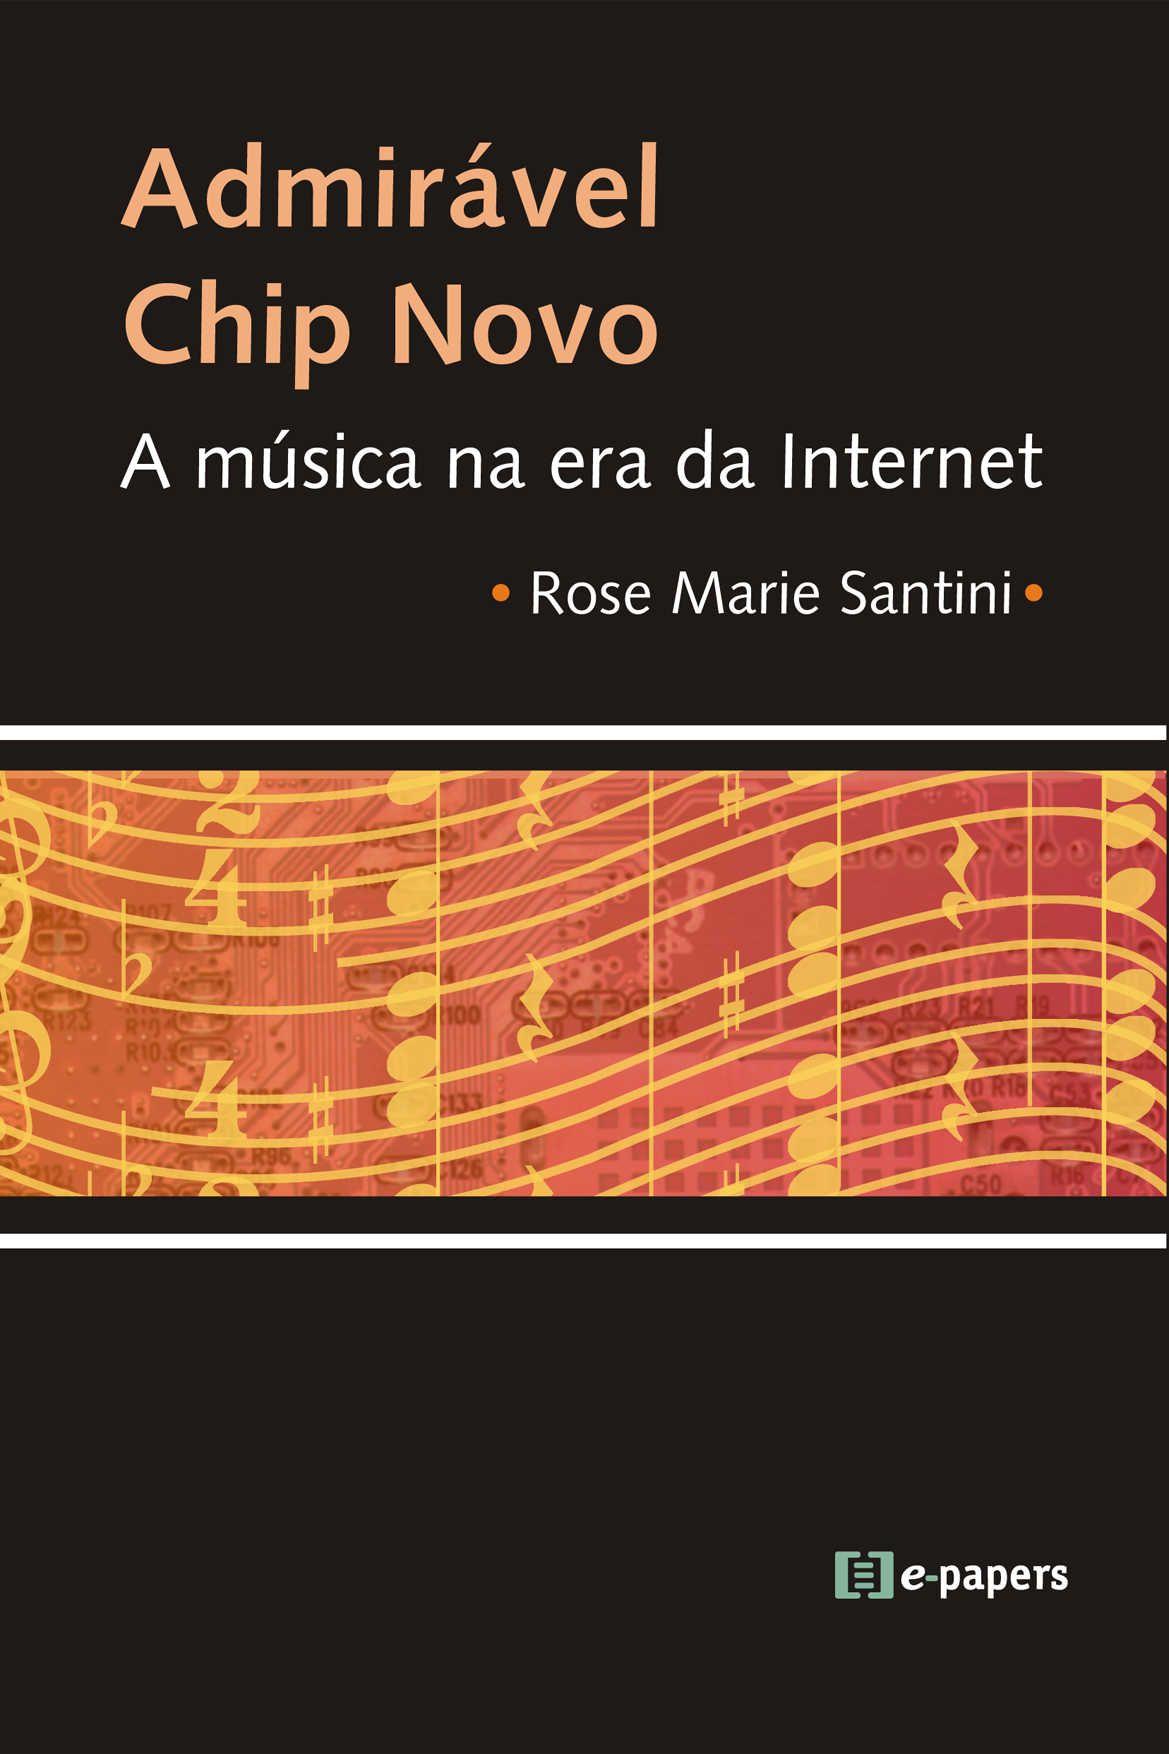 Admirável Chip Novo: A música na Era da Internet